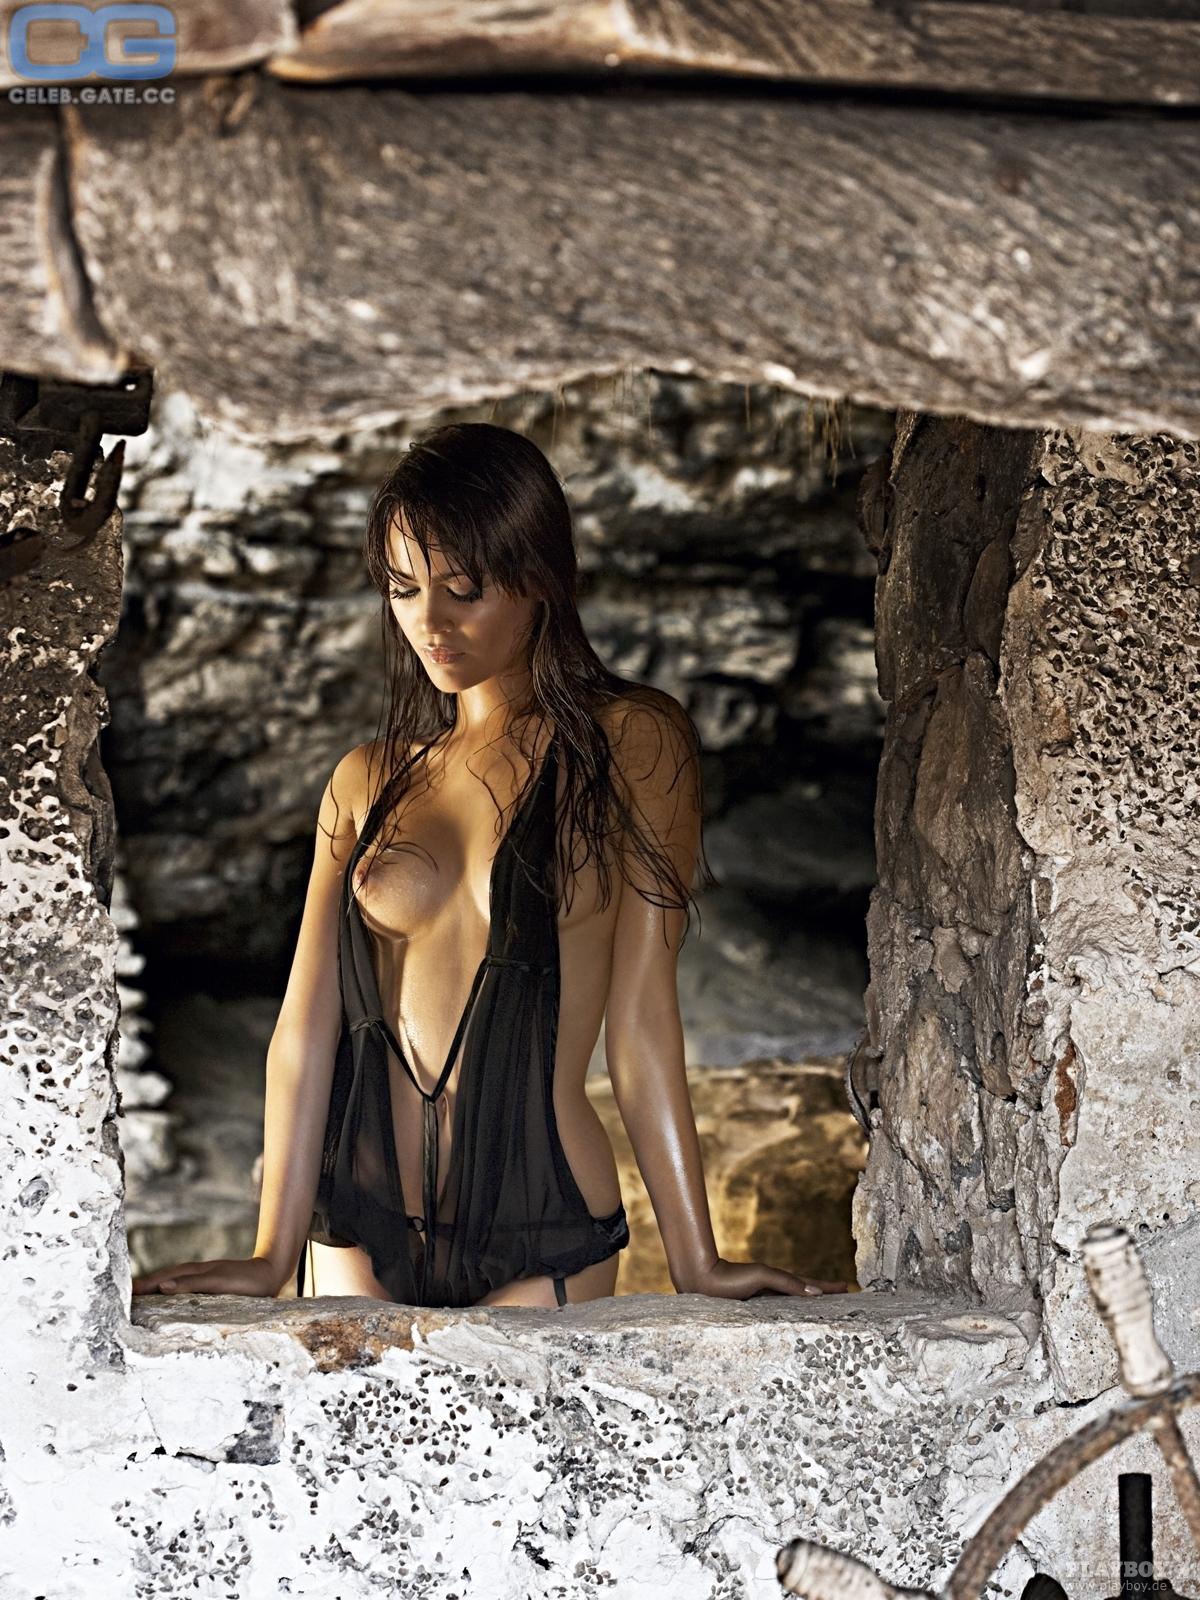 Playboy oelkers Nudity in